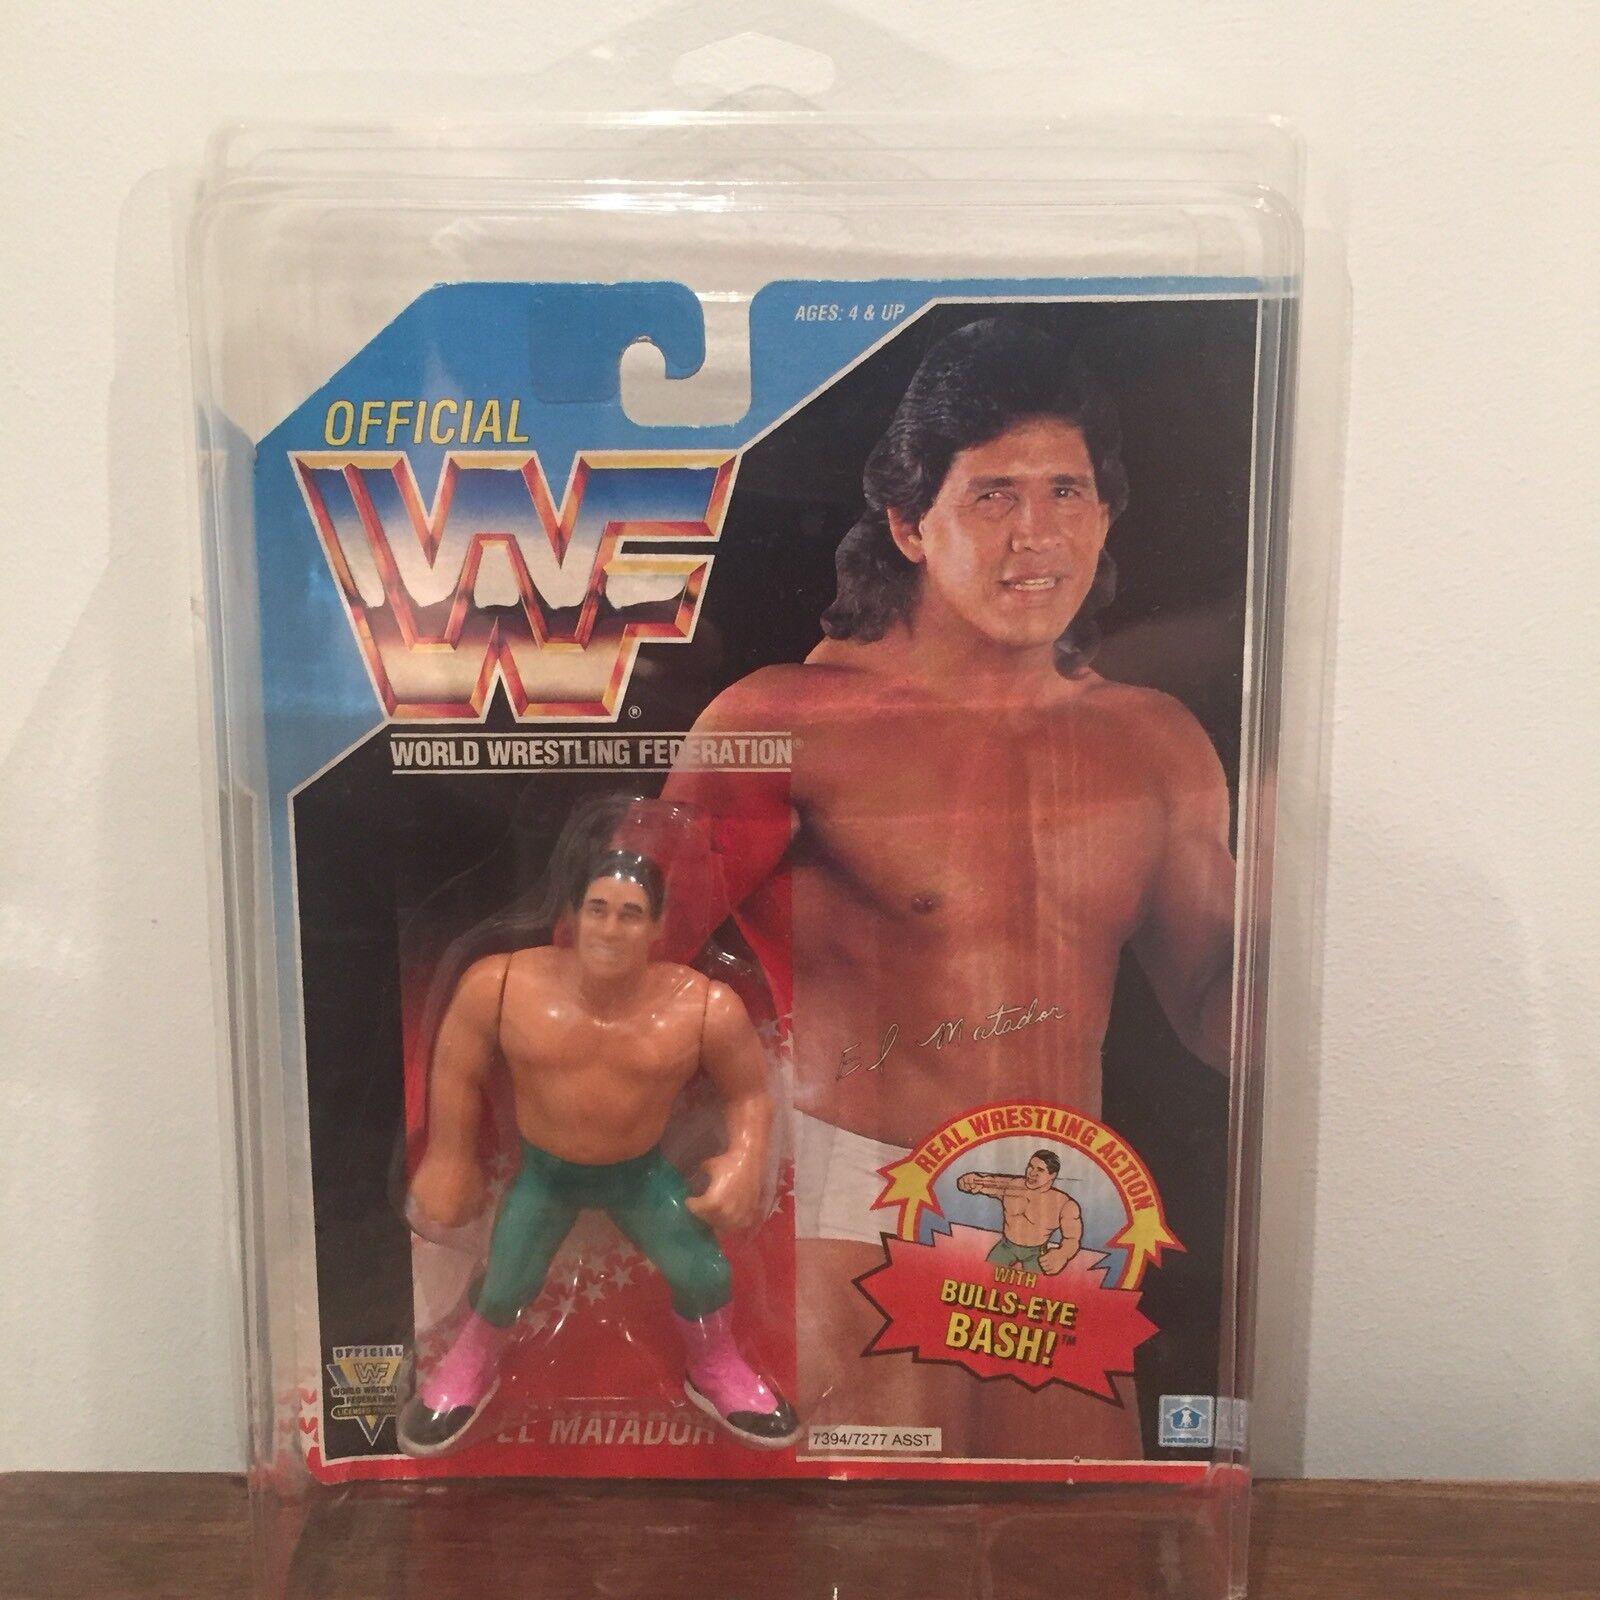 WWF/WWE El Matador Vintage Hasbro Action Figure 1993 Series 6 MOC with case